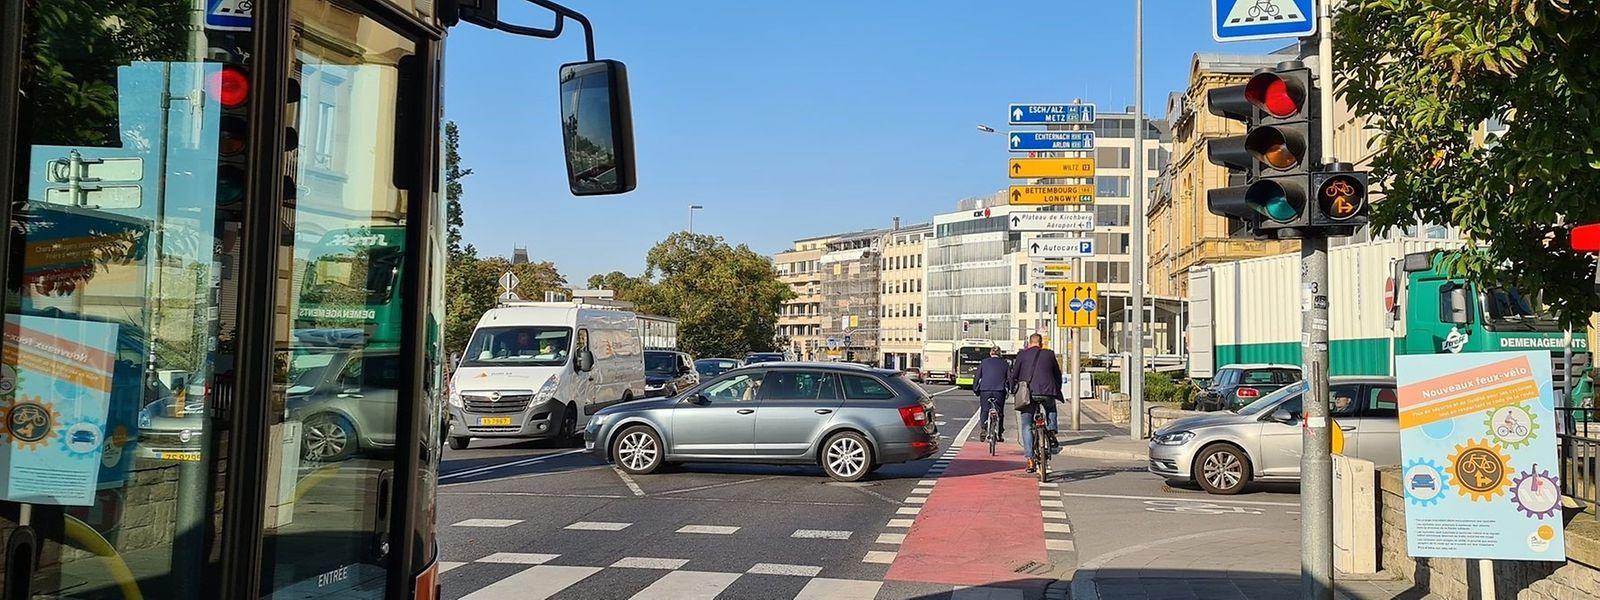 Blinkt die Ampel orange auf, können Radfahrer die Kreuzung überqueren.